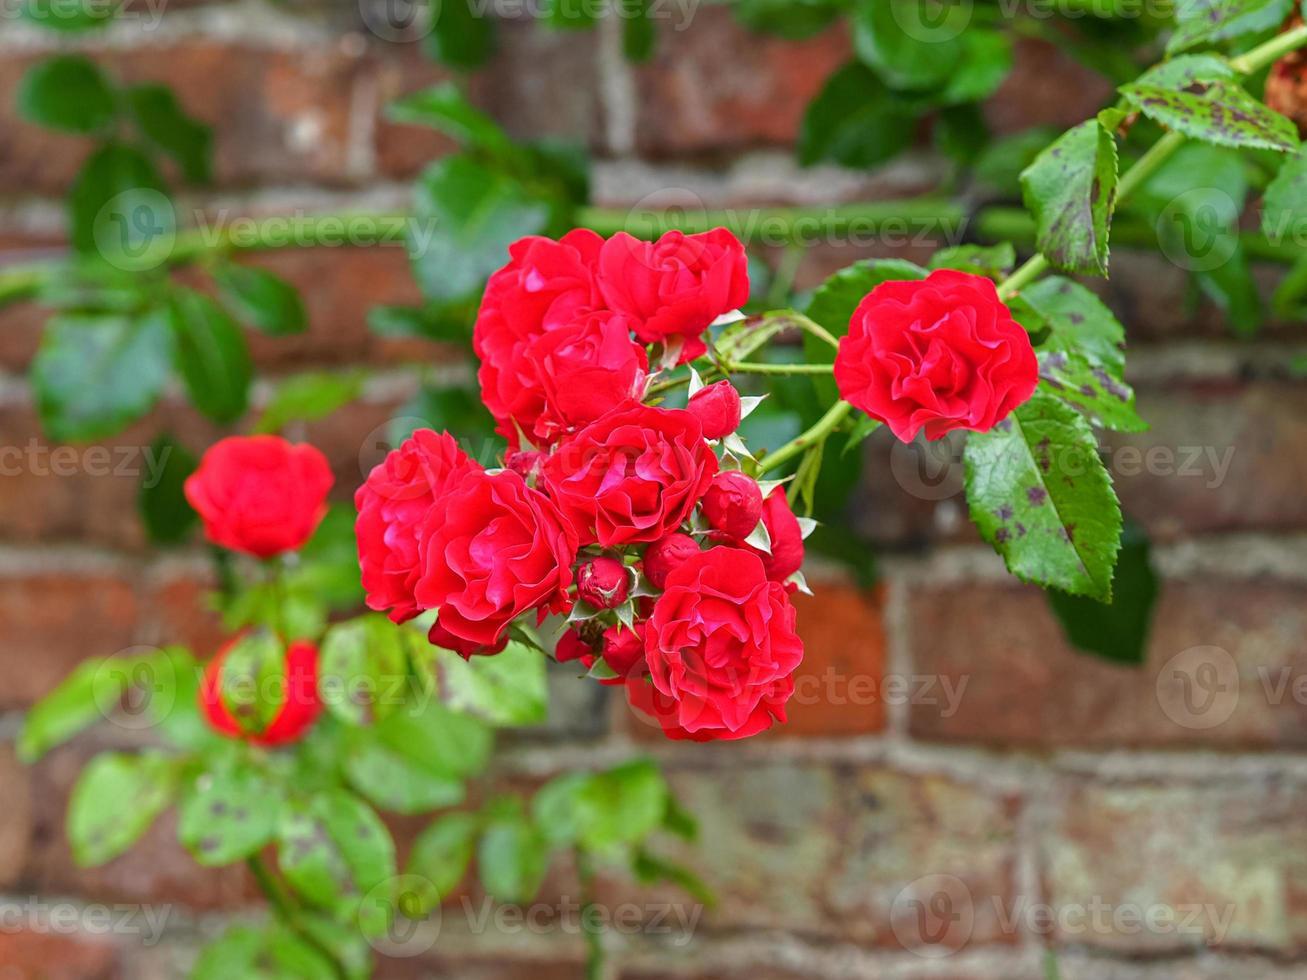 Trepando rosas rojas floreciendo contra una pared de ladrillos foto